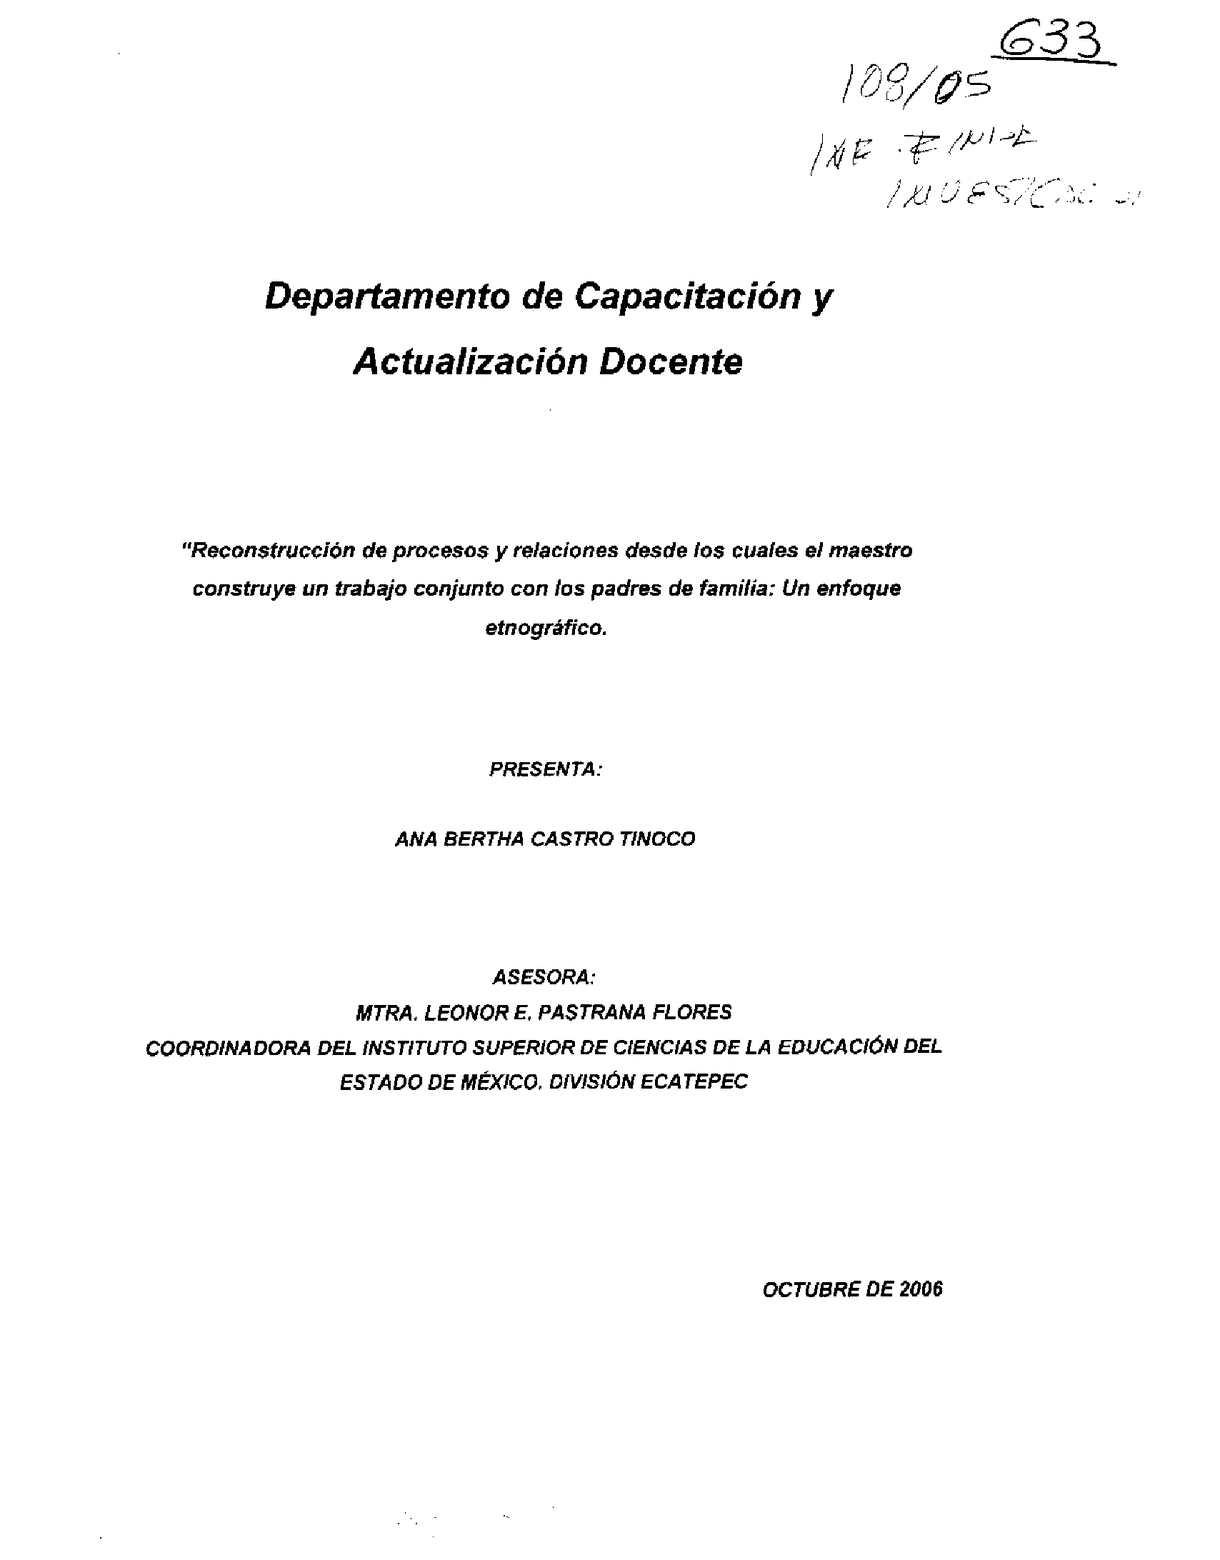 Calaméo - Reconstrucción de procesos y relaciones desde los cuales ...